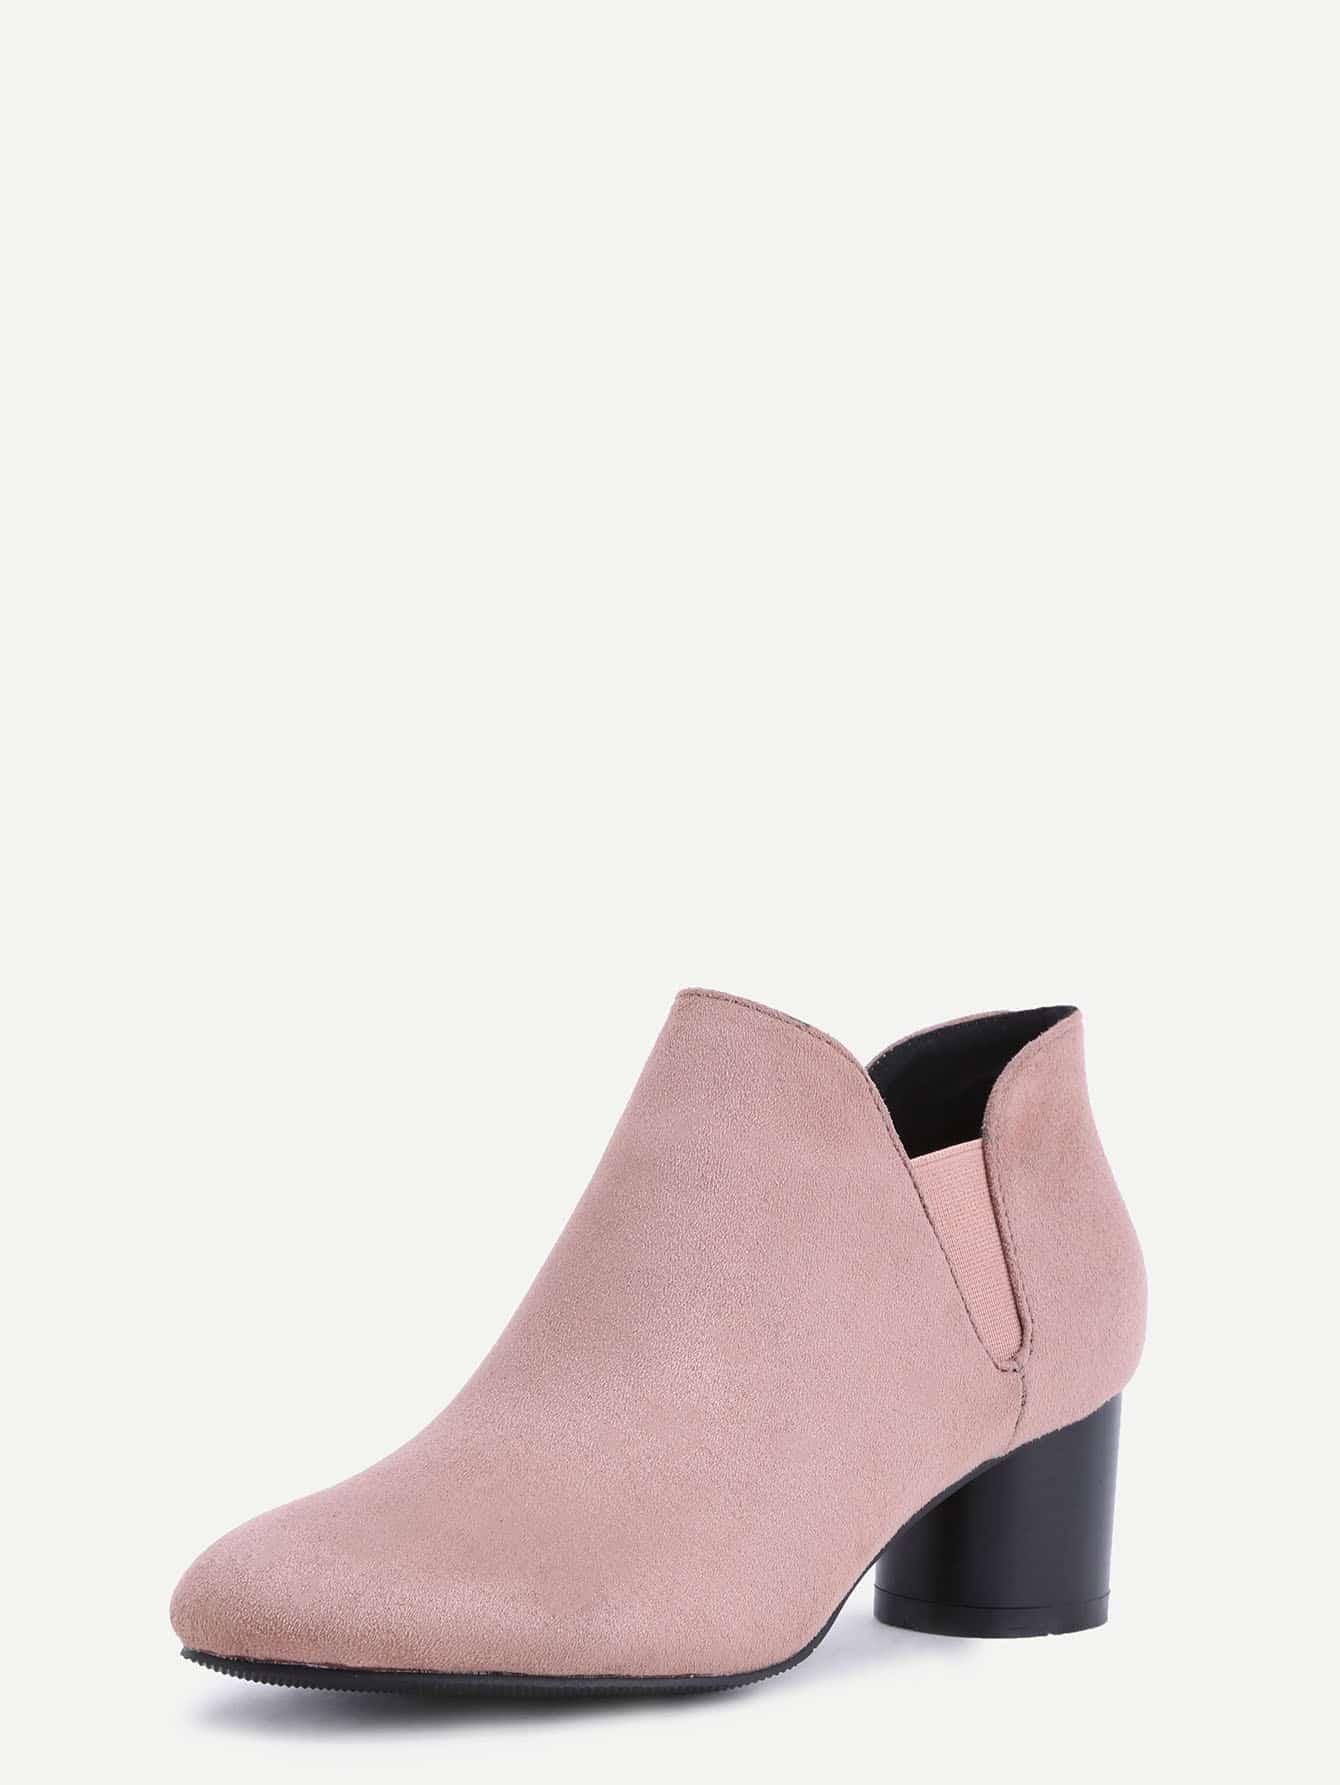 shoes161006815_2